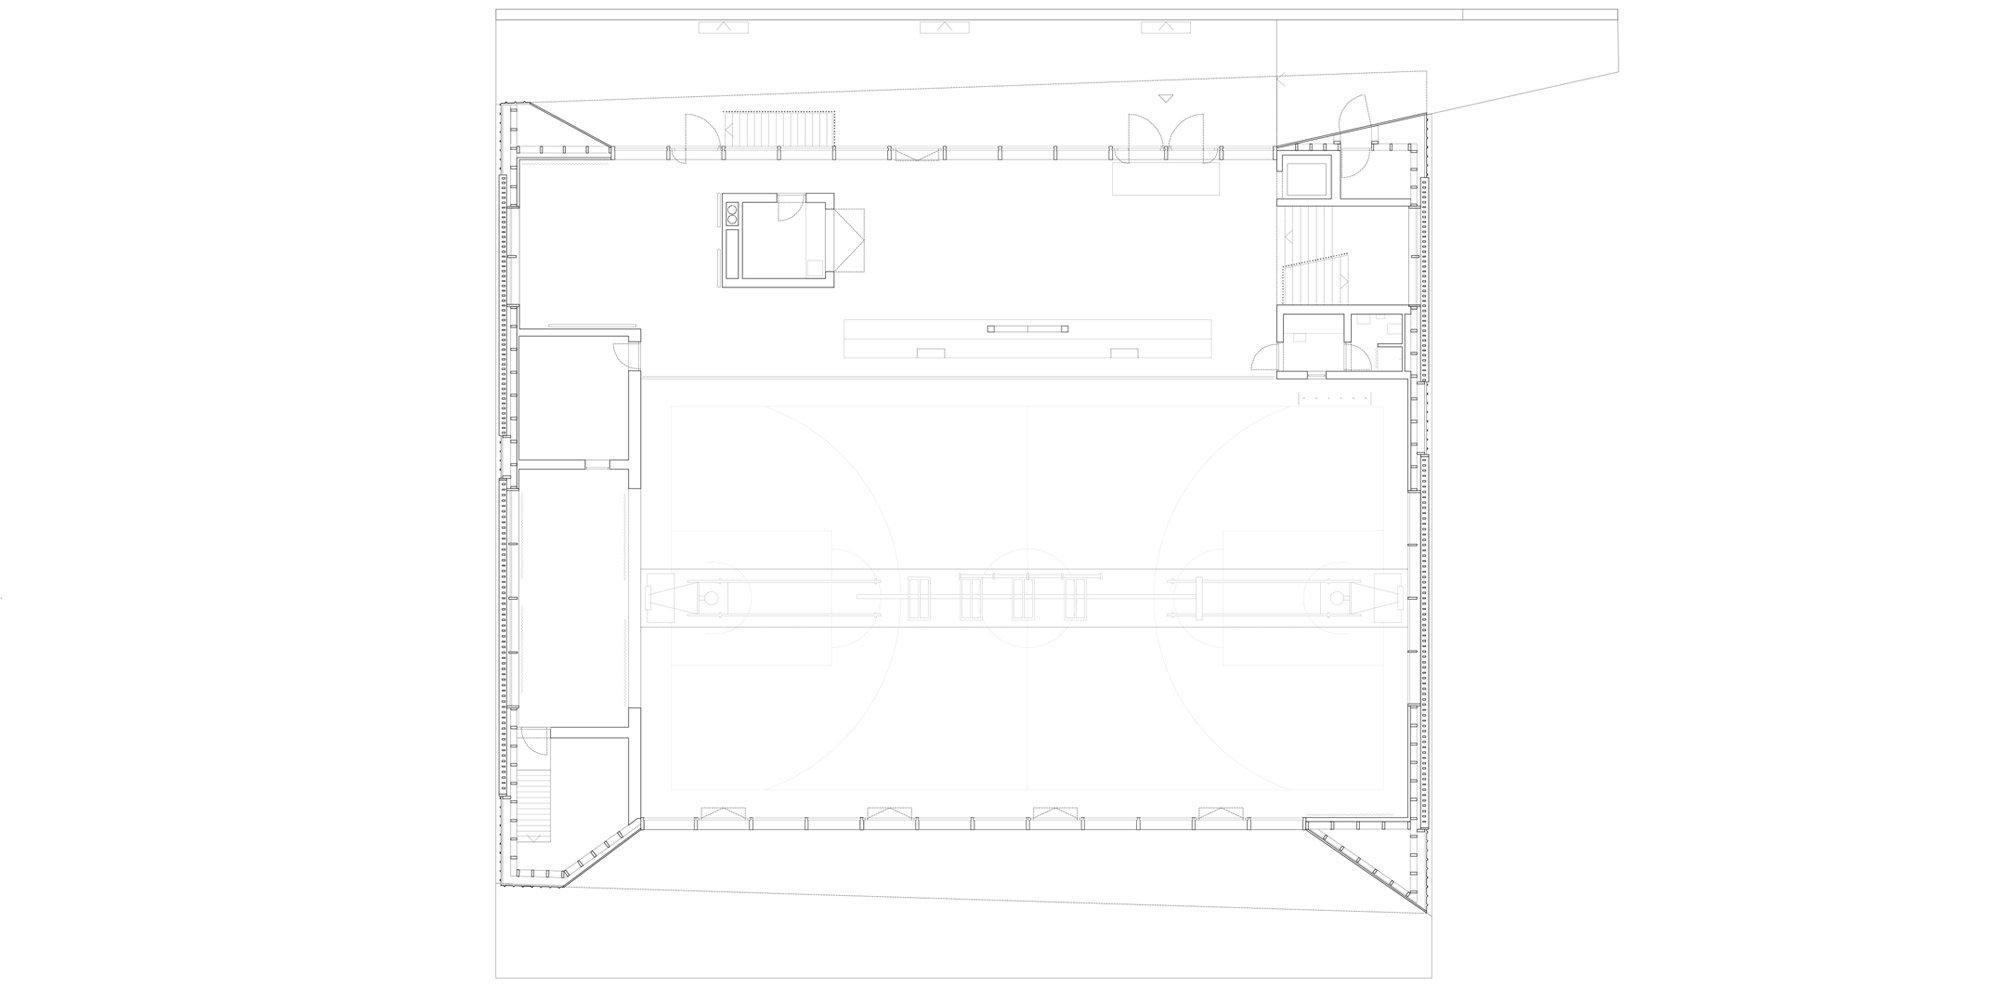 Pianta Piano Terra © Localarchitecture